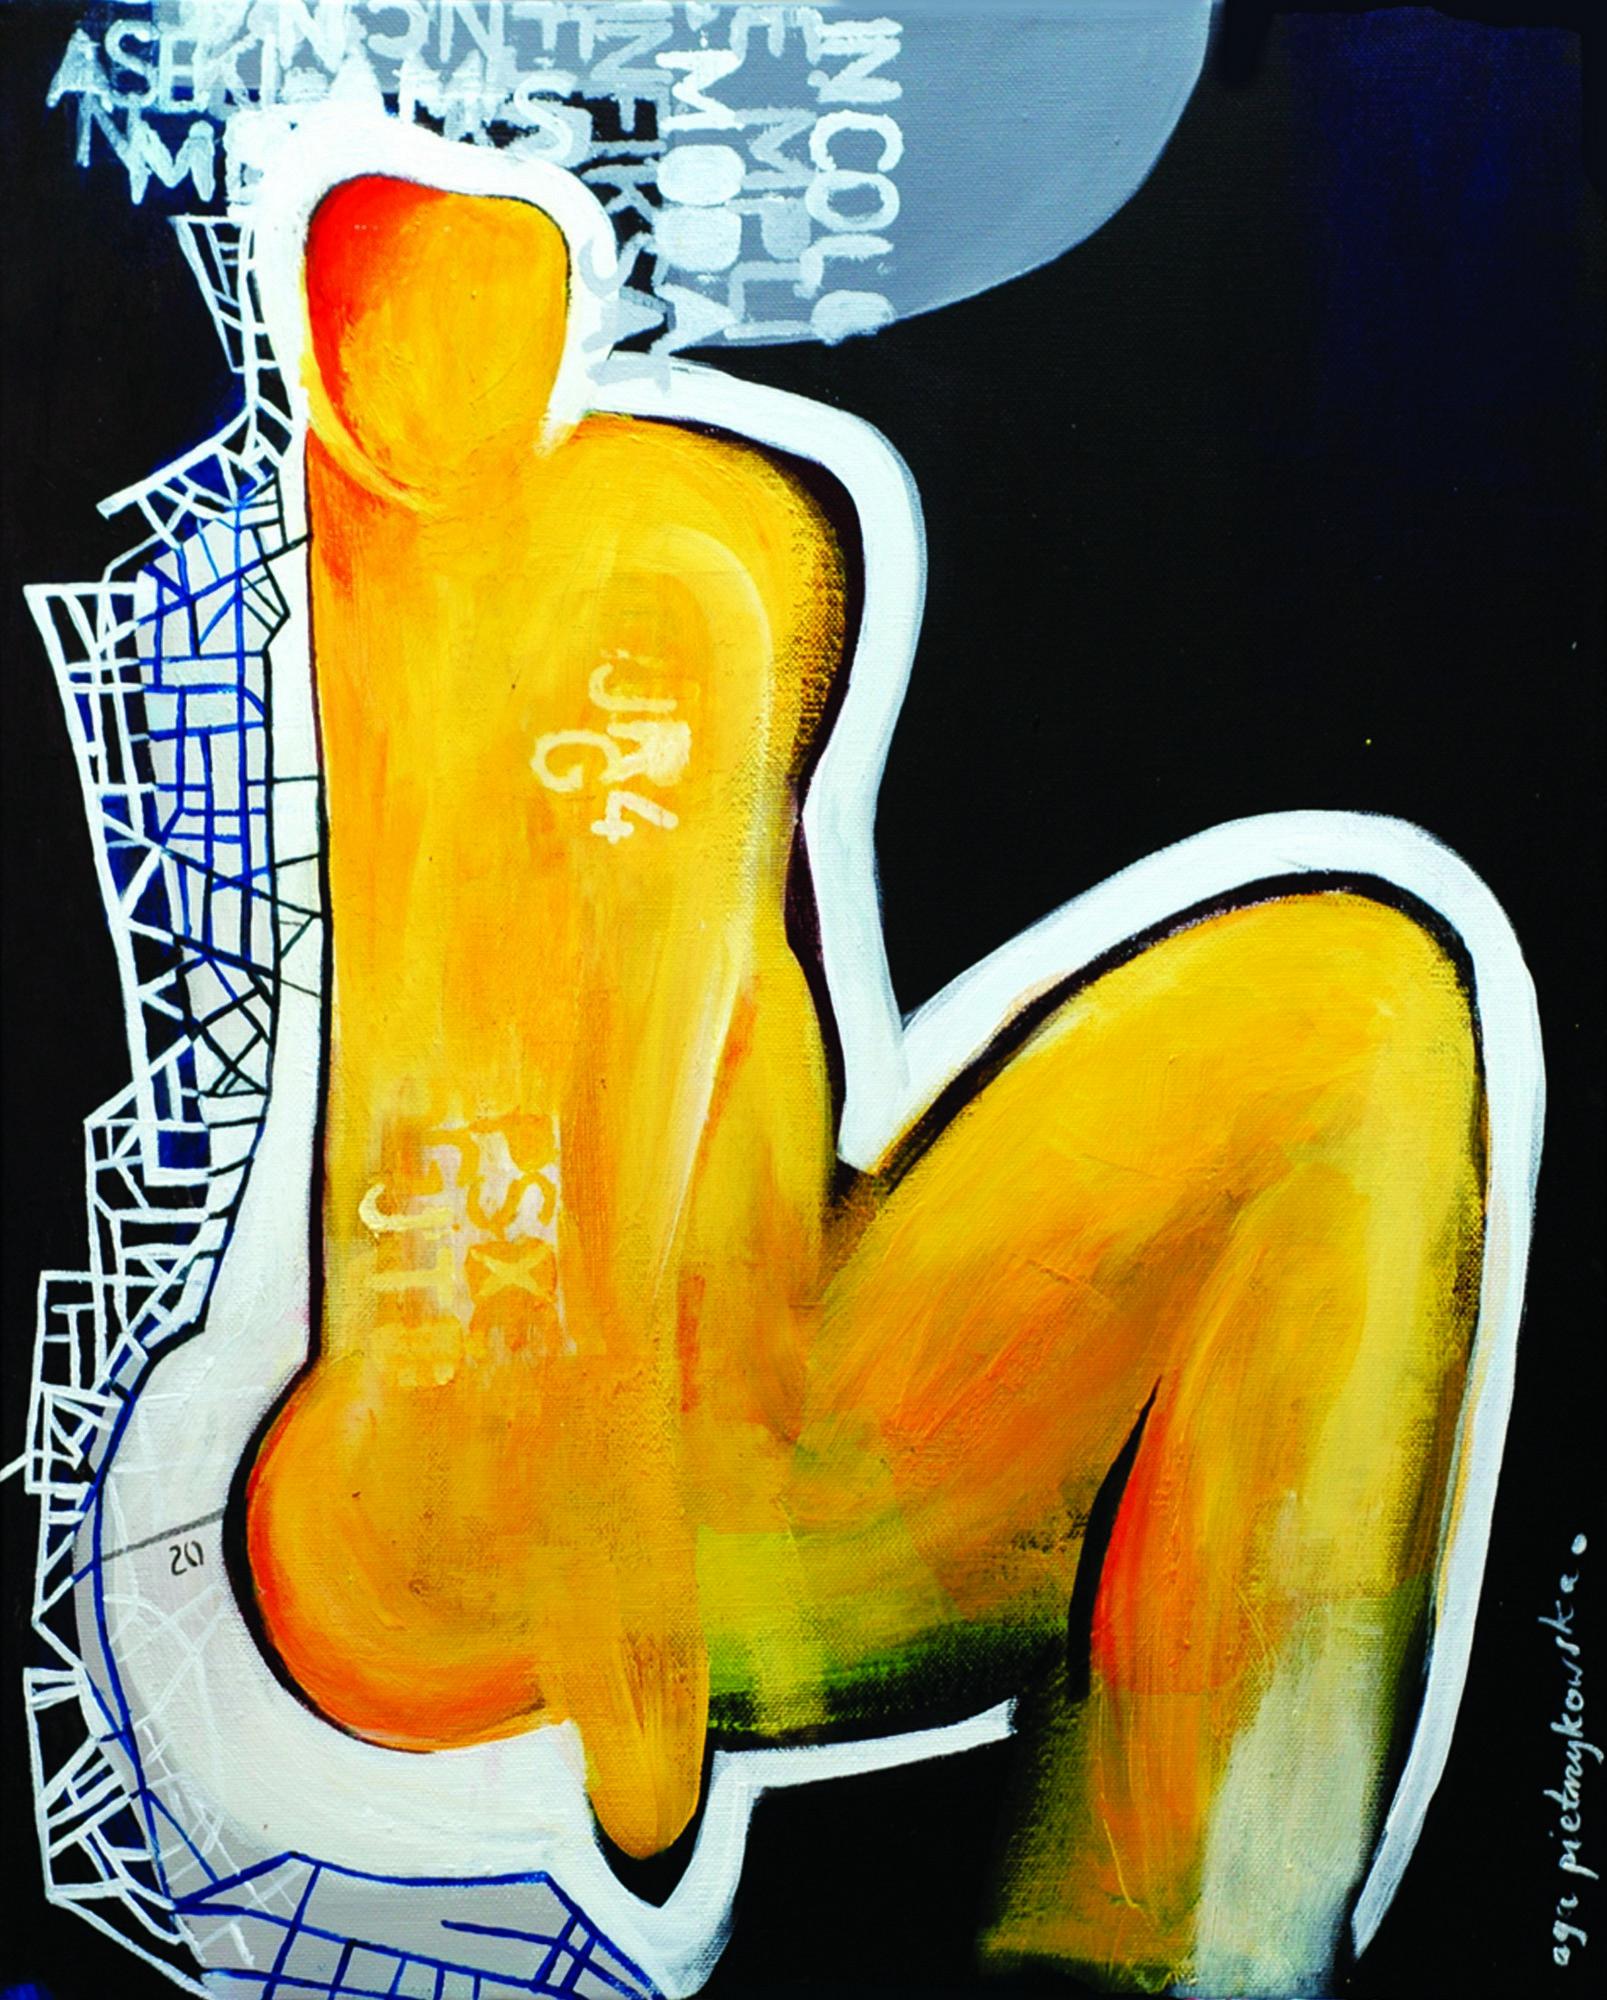 """Agnieszka Pietrzykowska, """"Akt żółty"""", 2015, akryl, płótno, 50x60 cm (źródło: materiały prasowe)"""